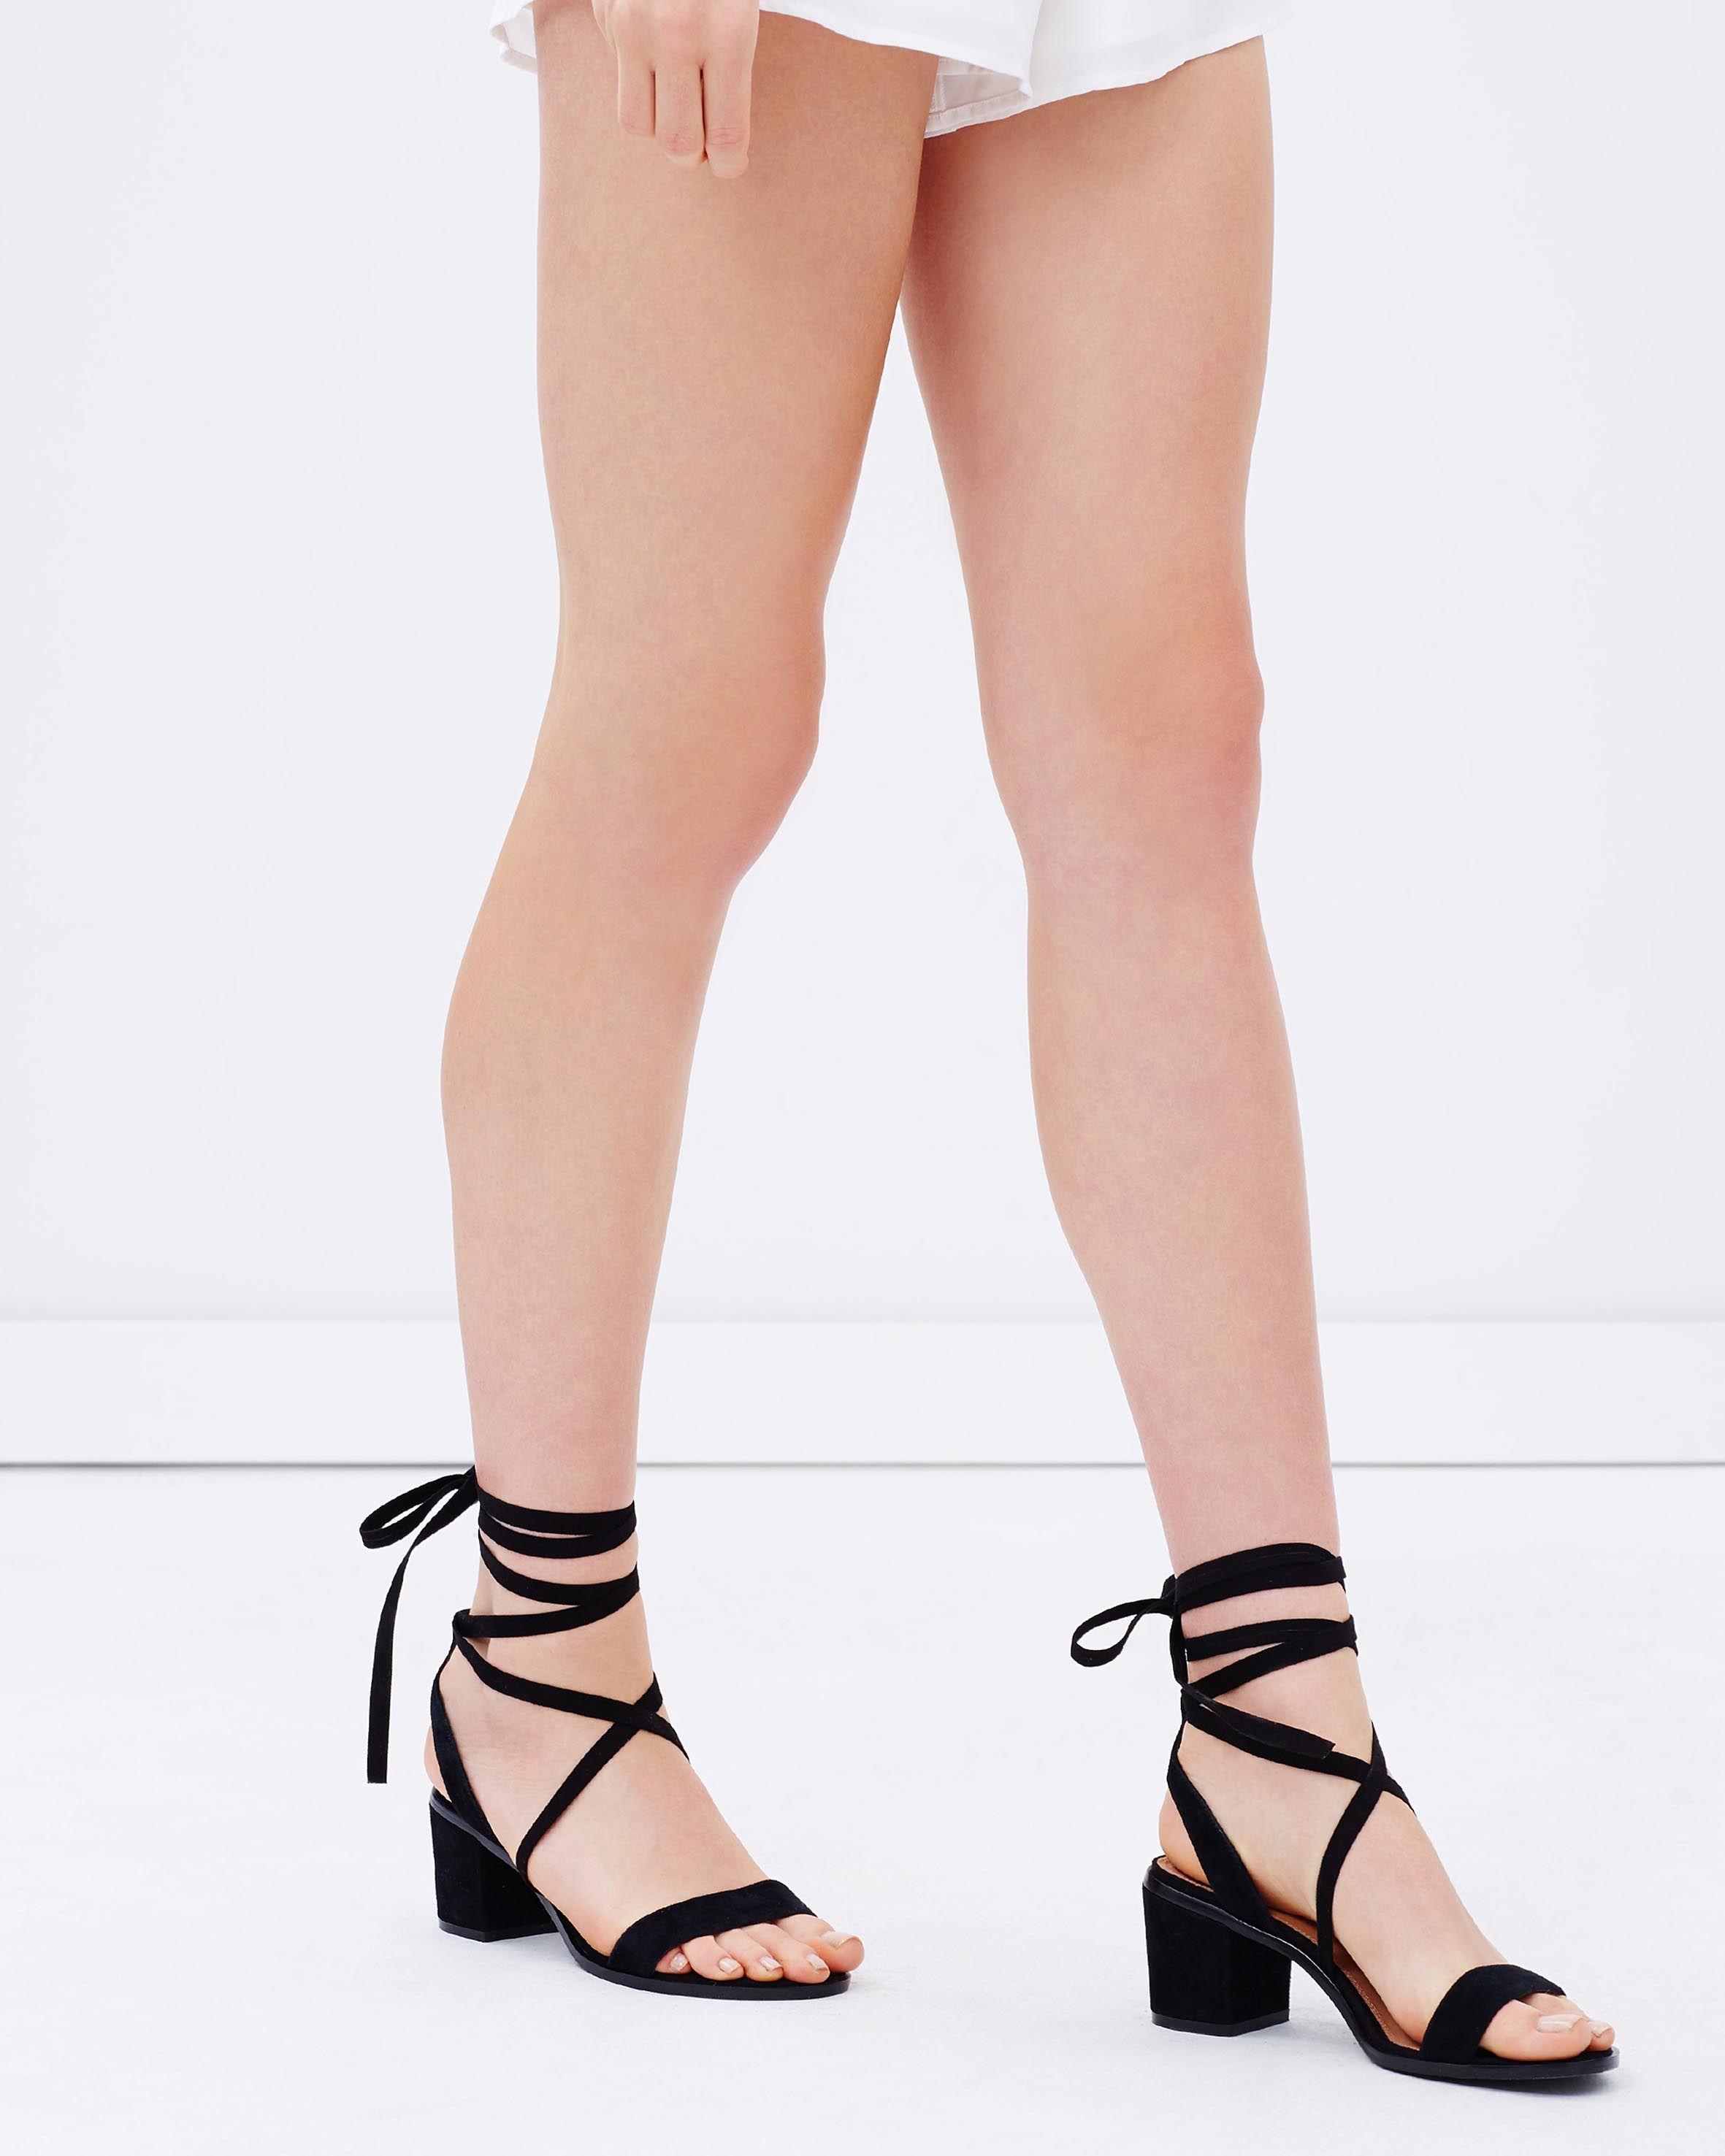 12ee8f0269e9 Women s Mid-low heels Online